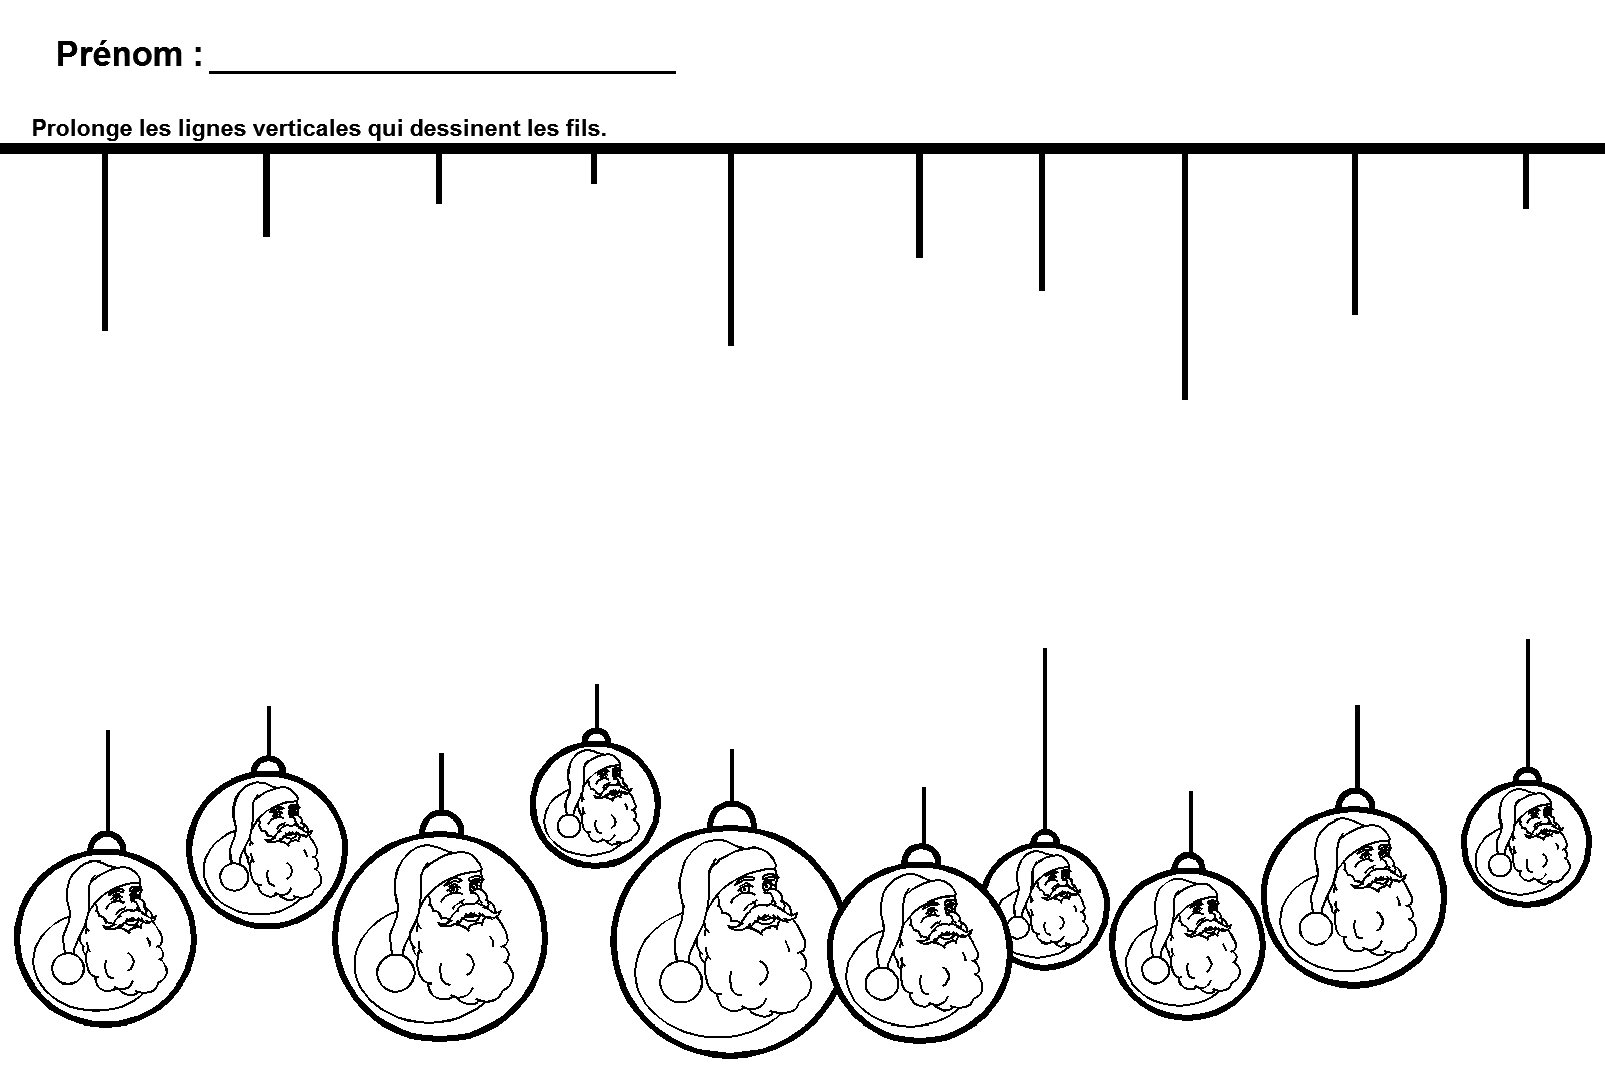 #1F1F1F Graphisme De Noël En Maternelle 5411 décorations de noel en maternelle 1605x1091 px @ aertt.com